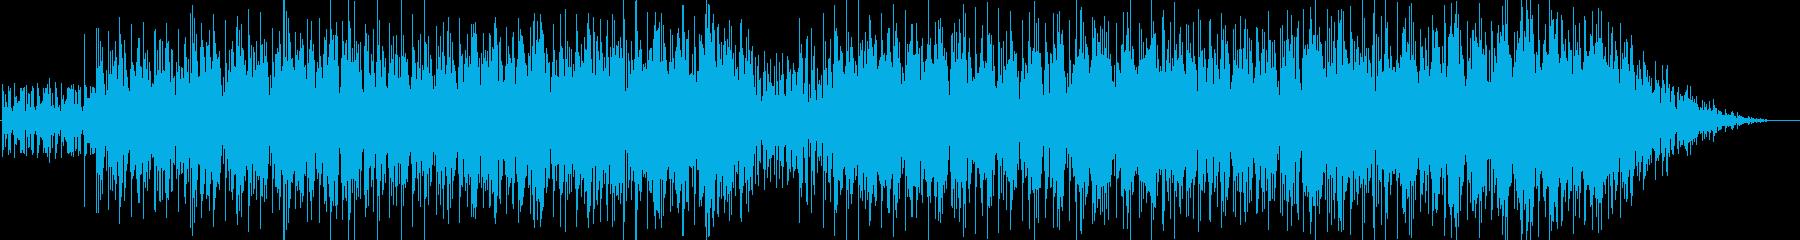 ワールド、ポップ、男性の声、パーカ...の再生済みの波形